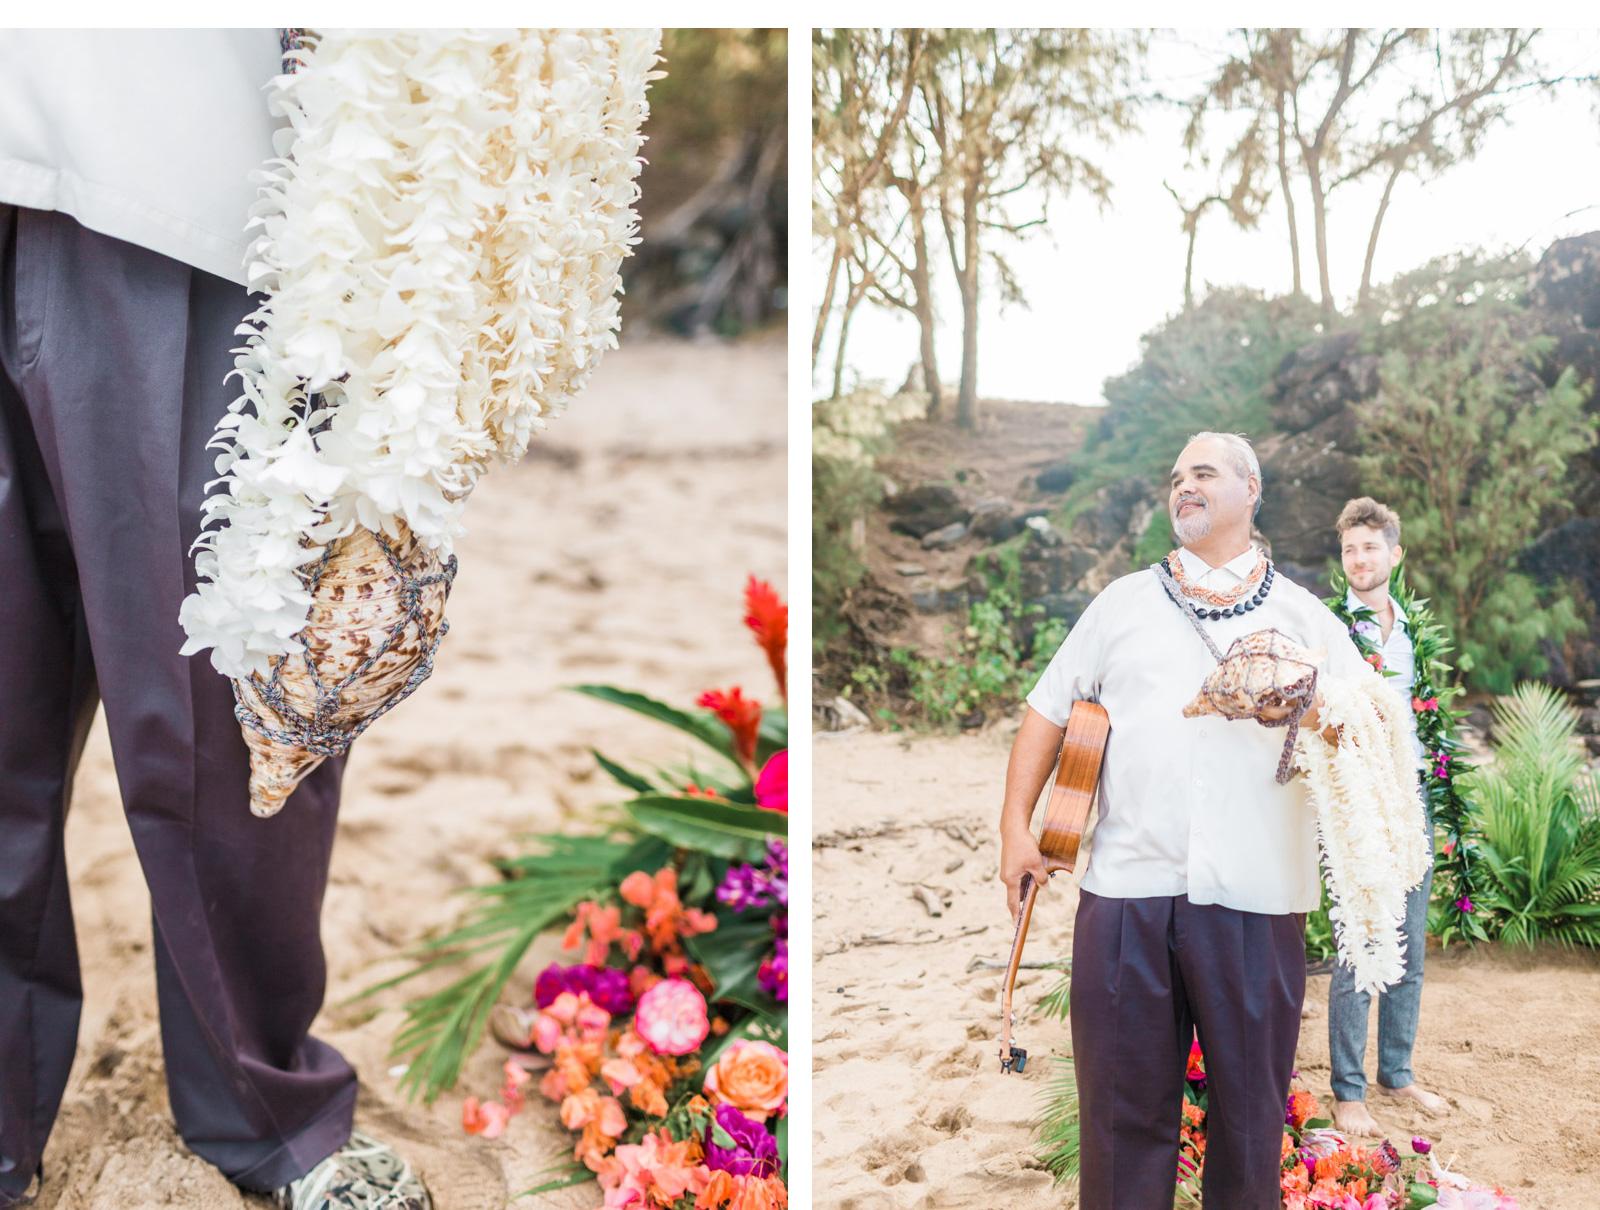 Natalie-Schutt-Photography--Maui-Wedding-Photographer_04.jpg